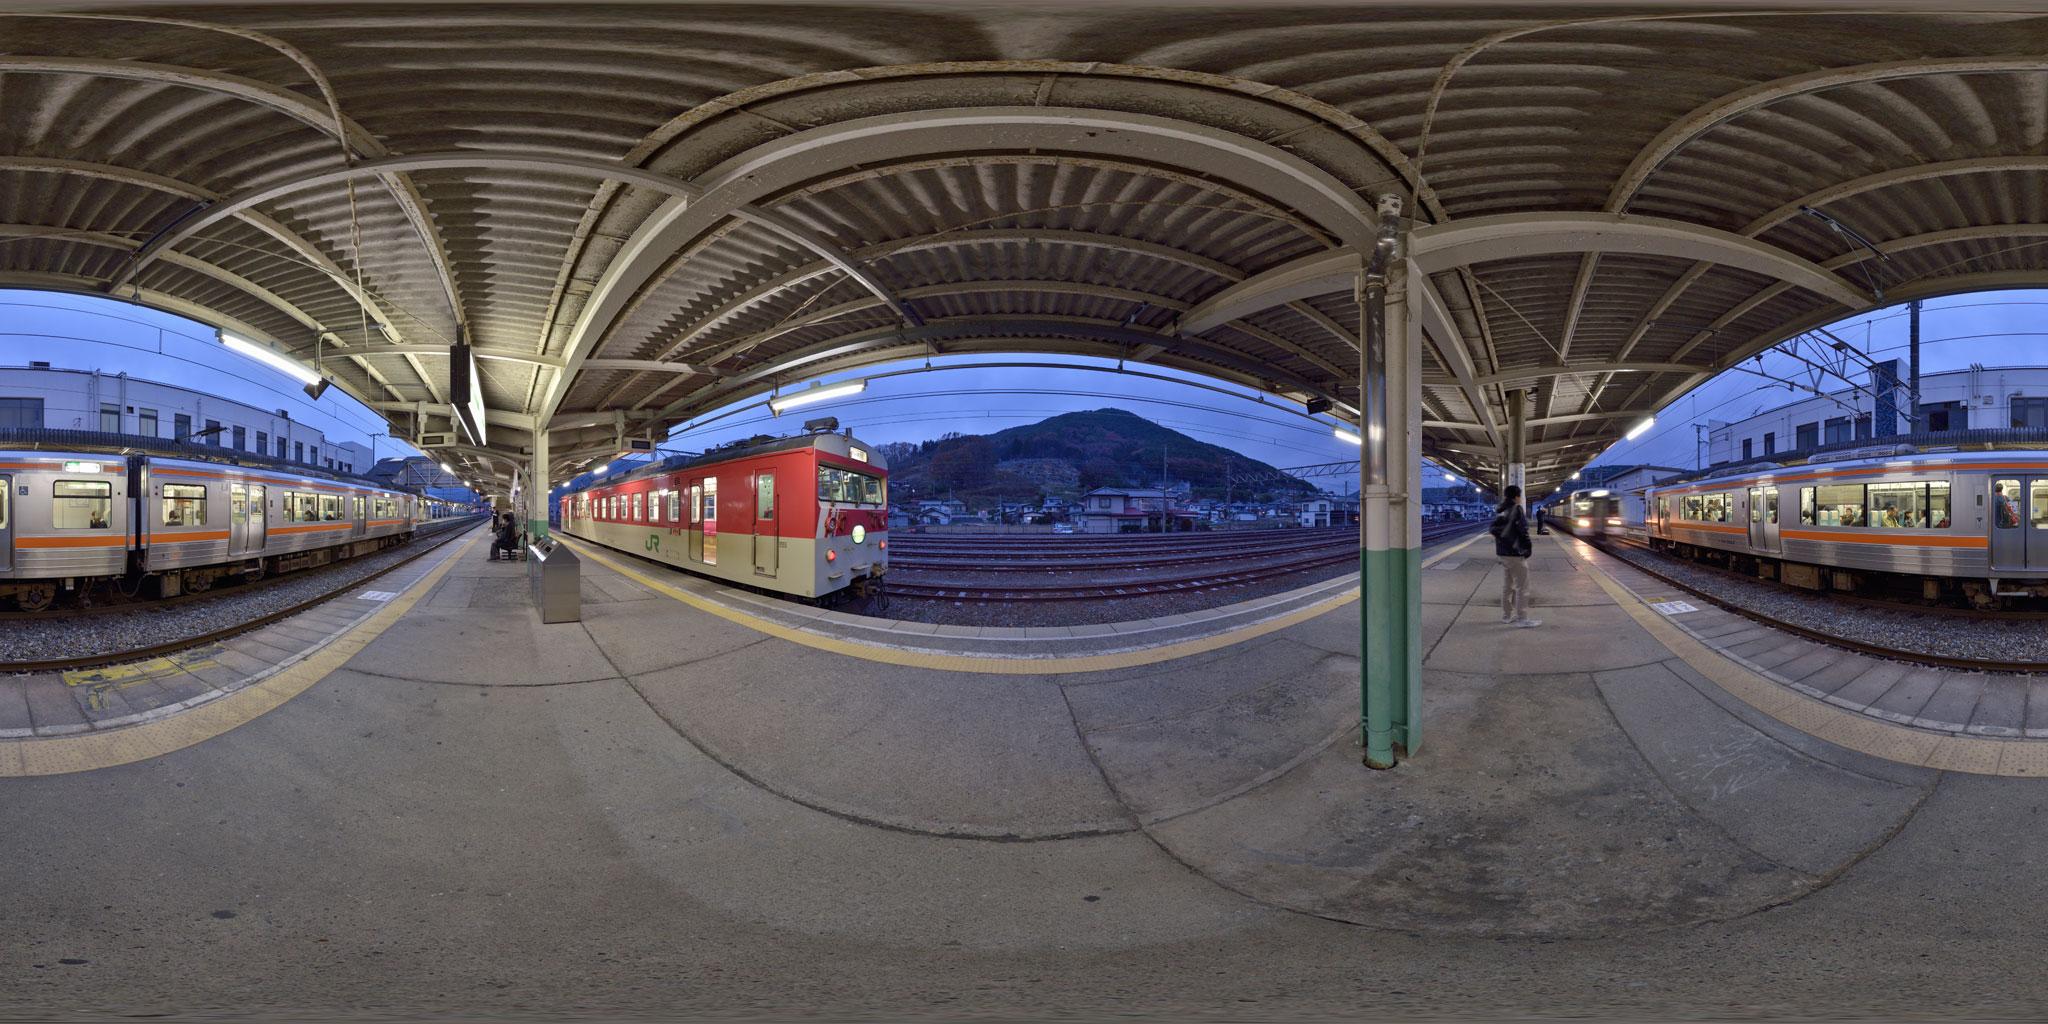 辰野駅に停車中のミニエコーと飯田線